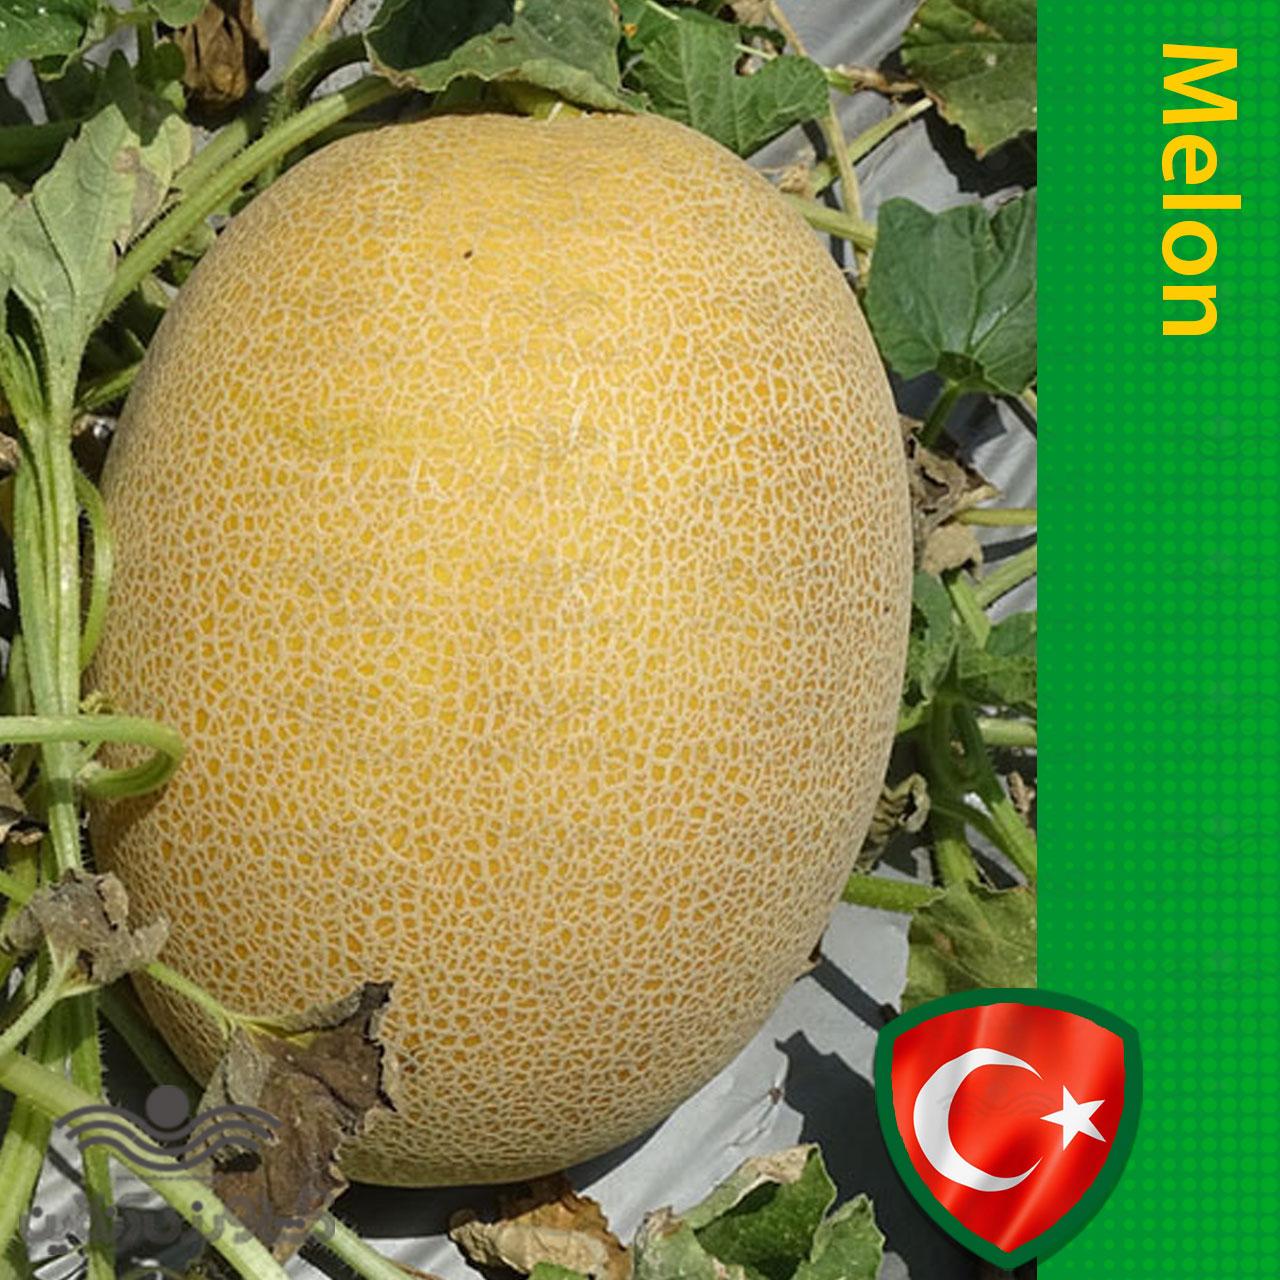 بذر خربزه آناناسی شیرین ترک